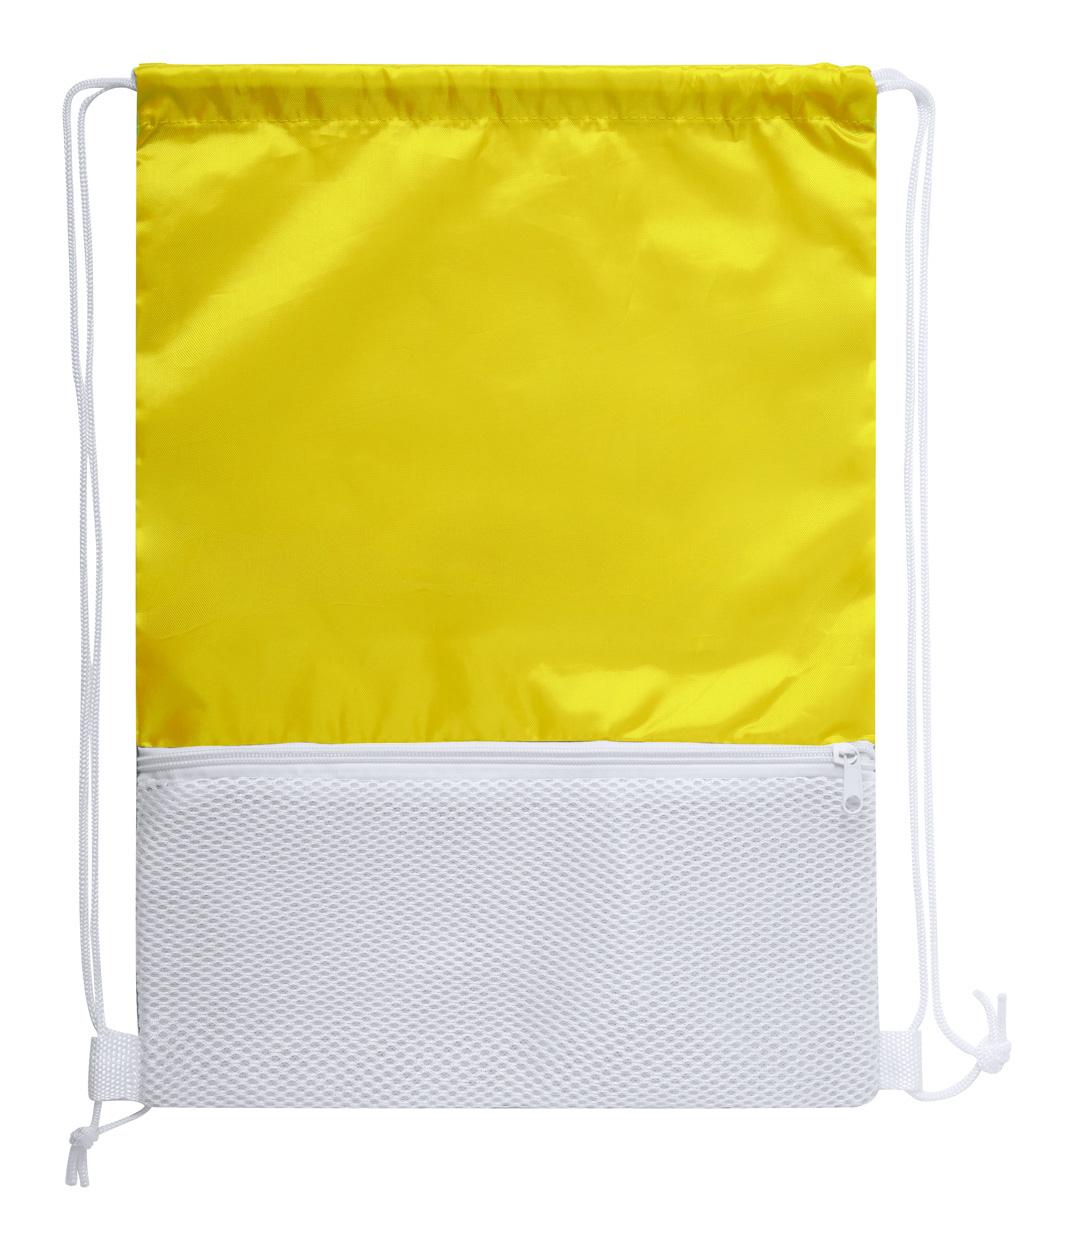 sárga Nabar hátizsák|piros Nabar hátizsák|Nabar hátizsák|kék Nabar hátizsák|zöld Nabar hátizsák